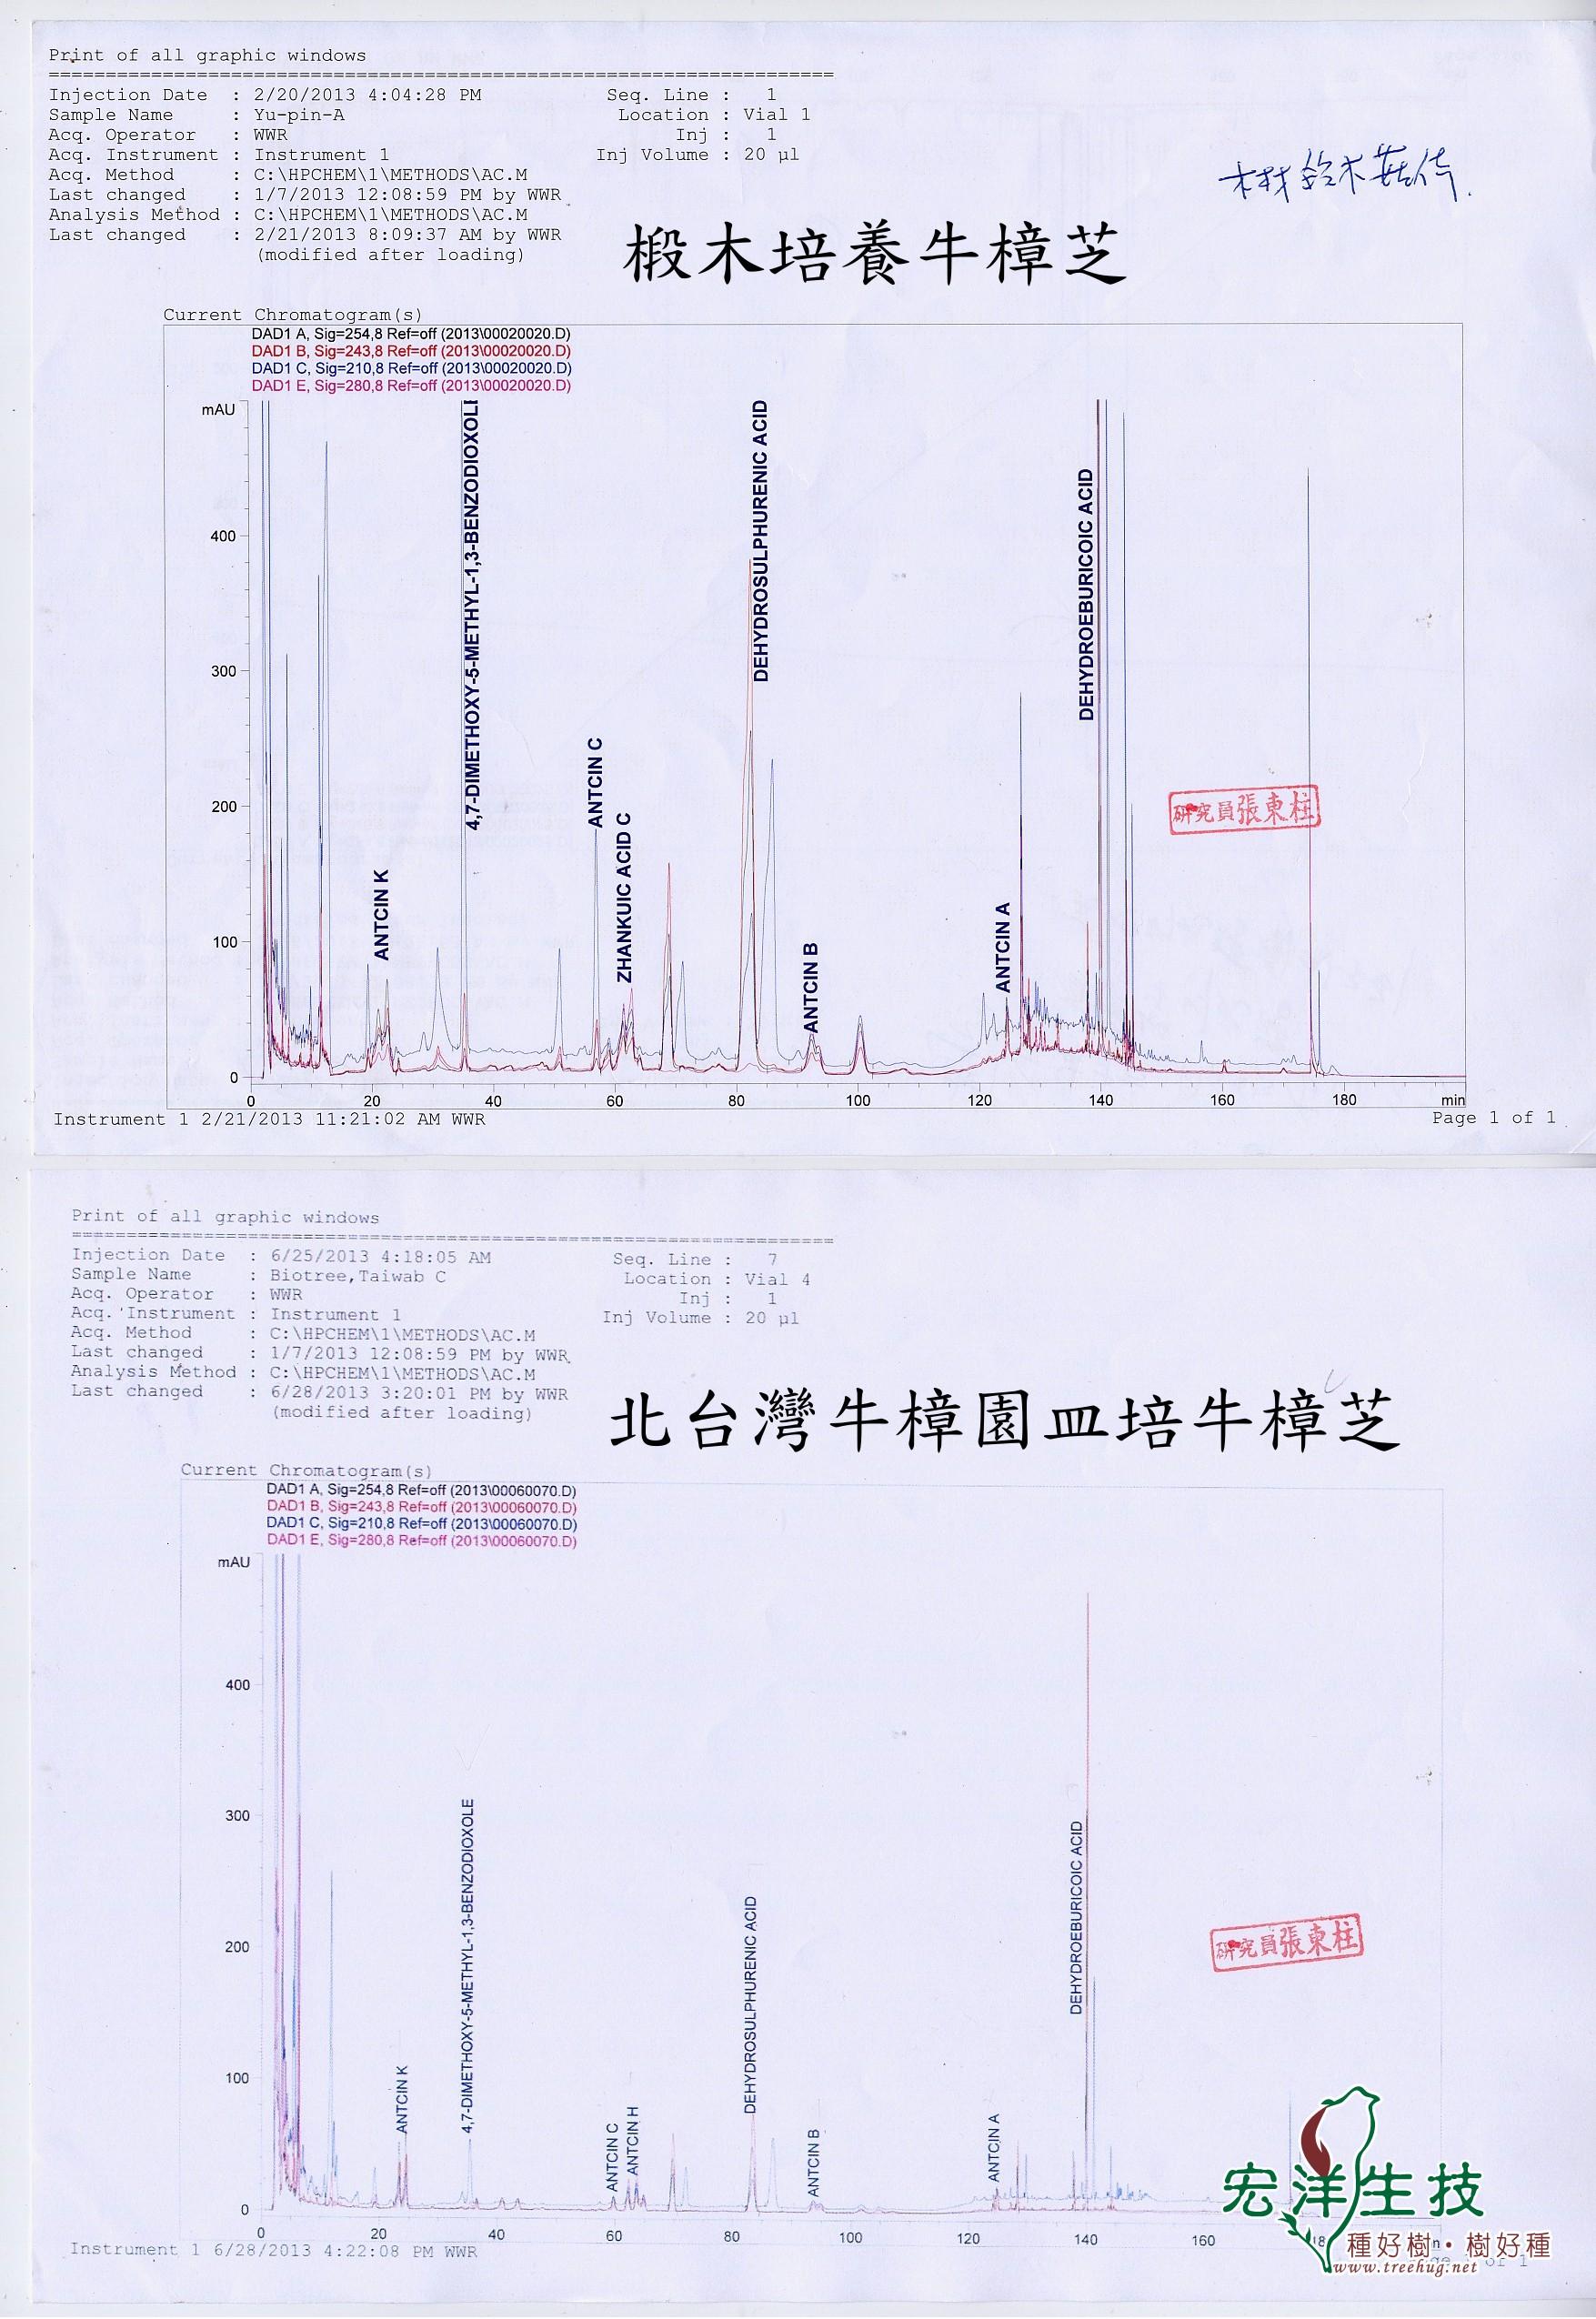 北台灣牛樟園皿培牛樟芝與椴木牛樟芝成分分析比較圖